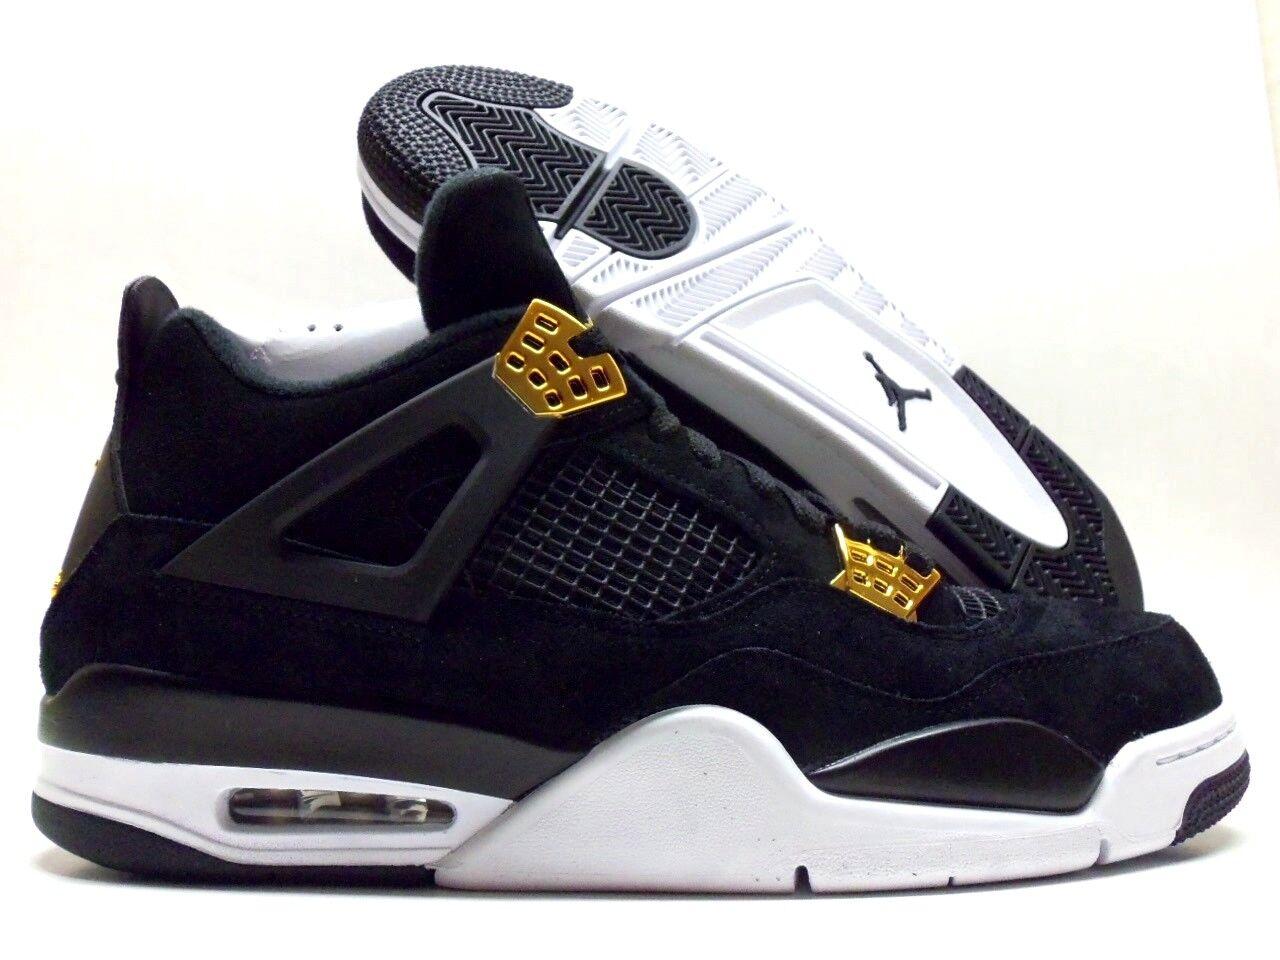 Nike / air jordan 4 vintage nero / Nike metallico gold-white dimensioni uomini [308497-032] 8ba359